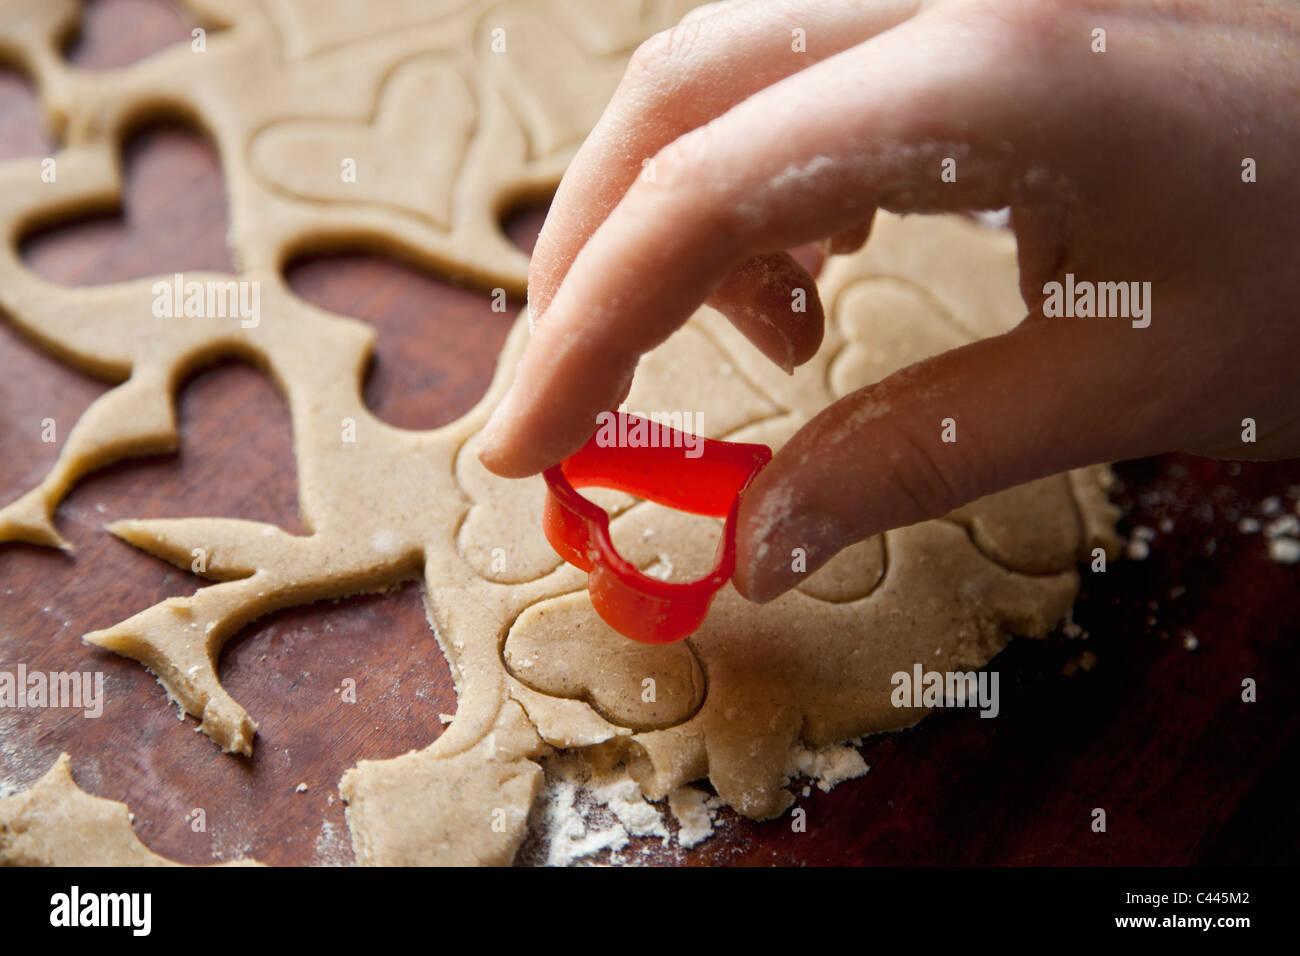 Détail d'un côté à l'aide d'un emporte-pièce en forme de coeur Banque D'Images